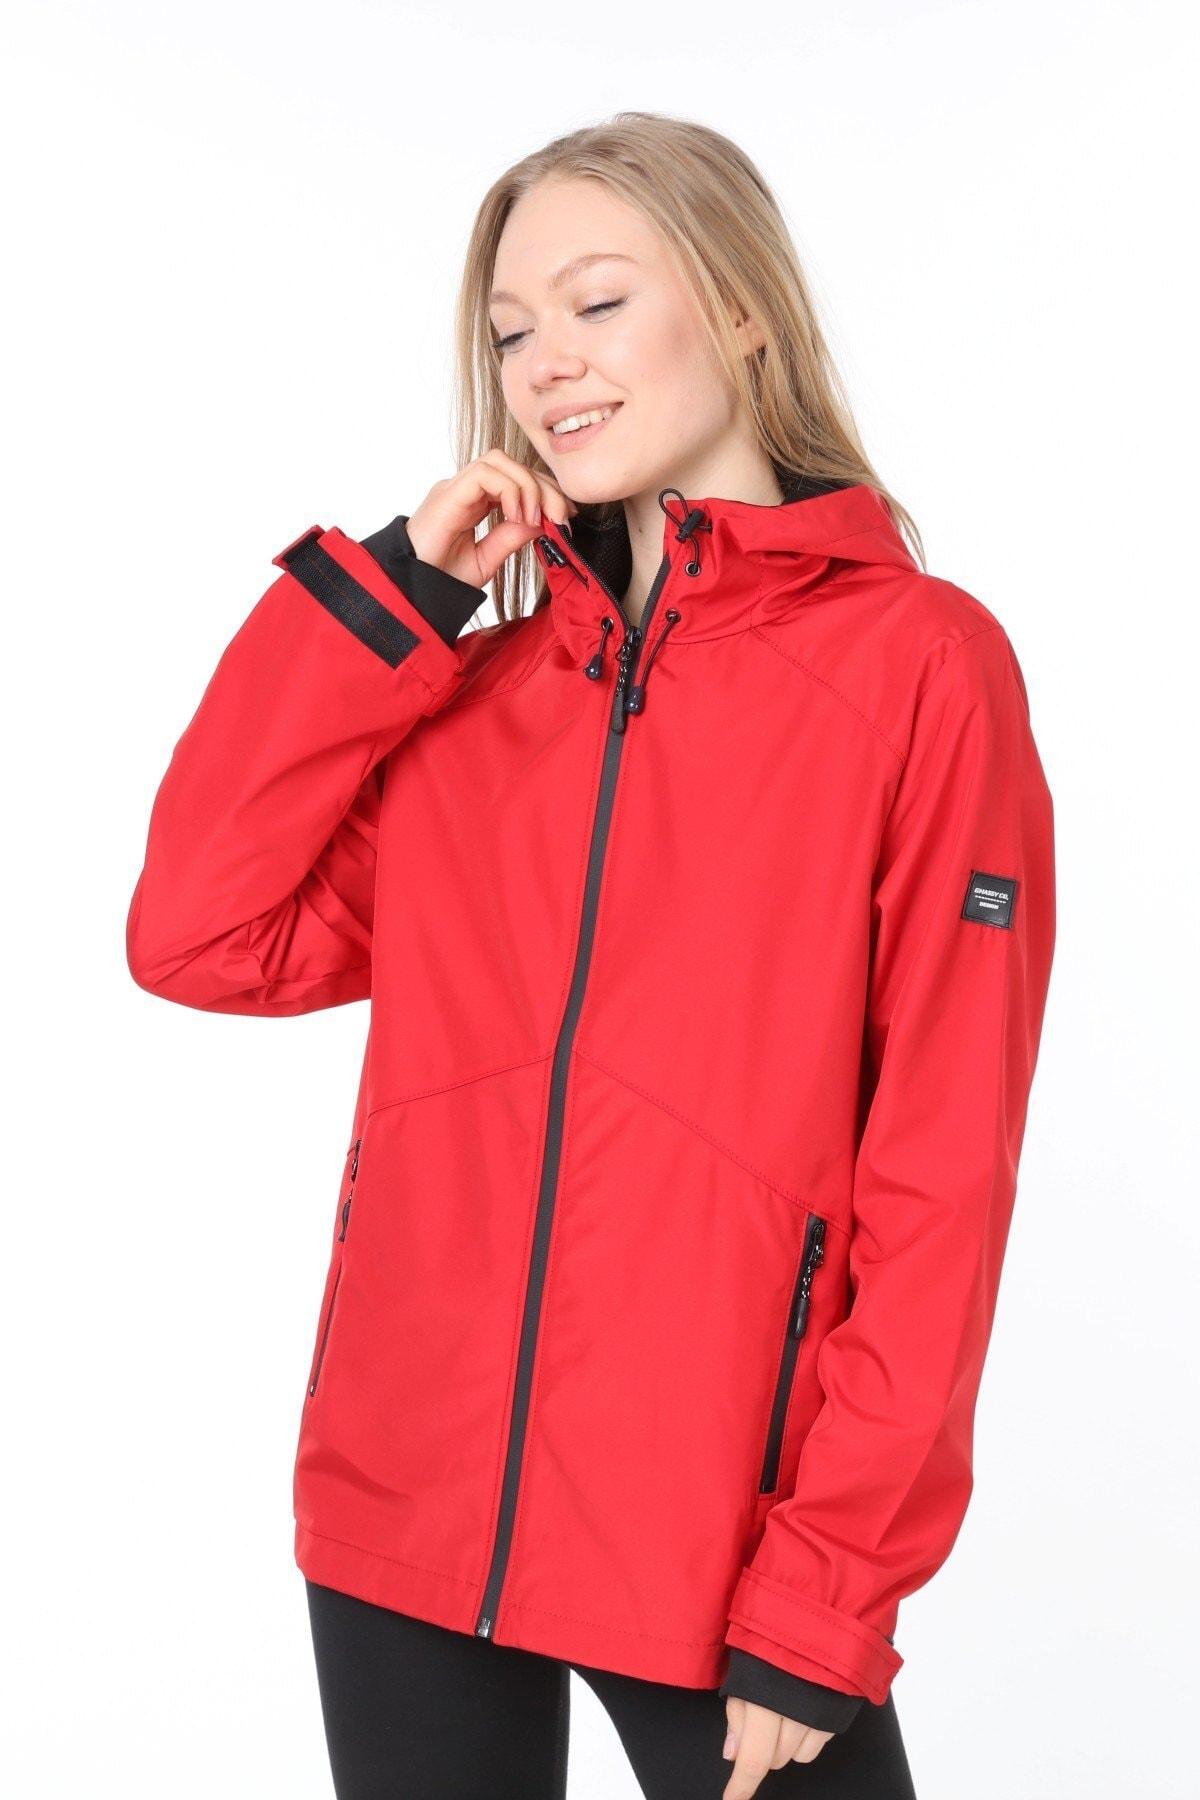 Kadın Kırmızı  Rüzgarlık/yağmurluk Omuz Detaylı Mevsimlik Spor Ceket